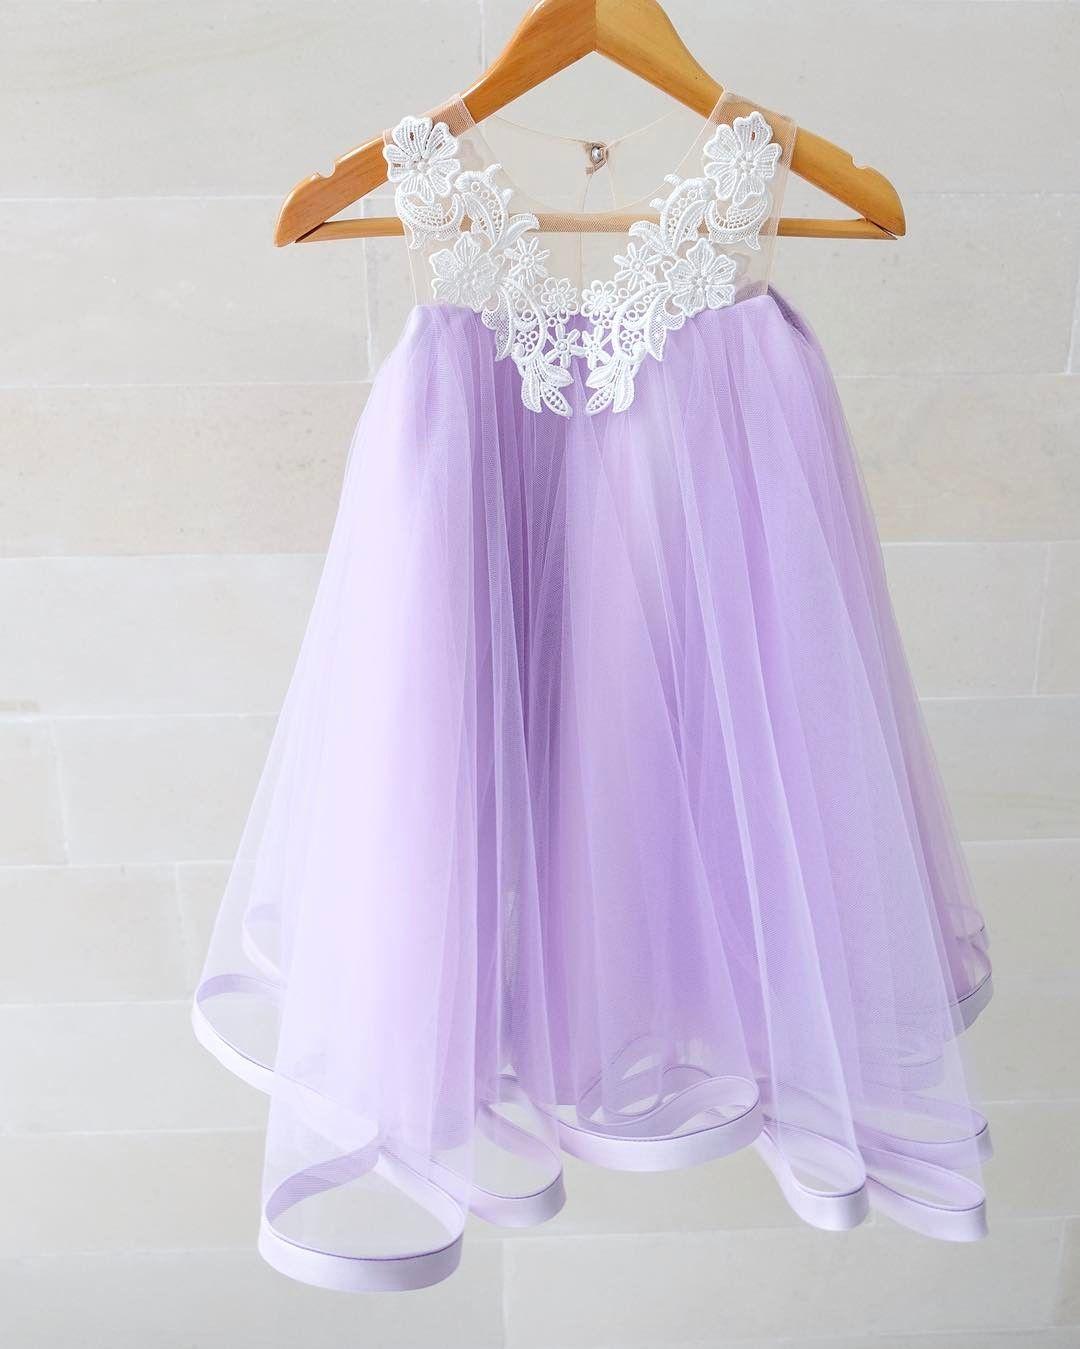 Keira dress--- #kidsdress #babydress #honeybee_kids #honeybeekids ...